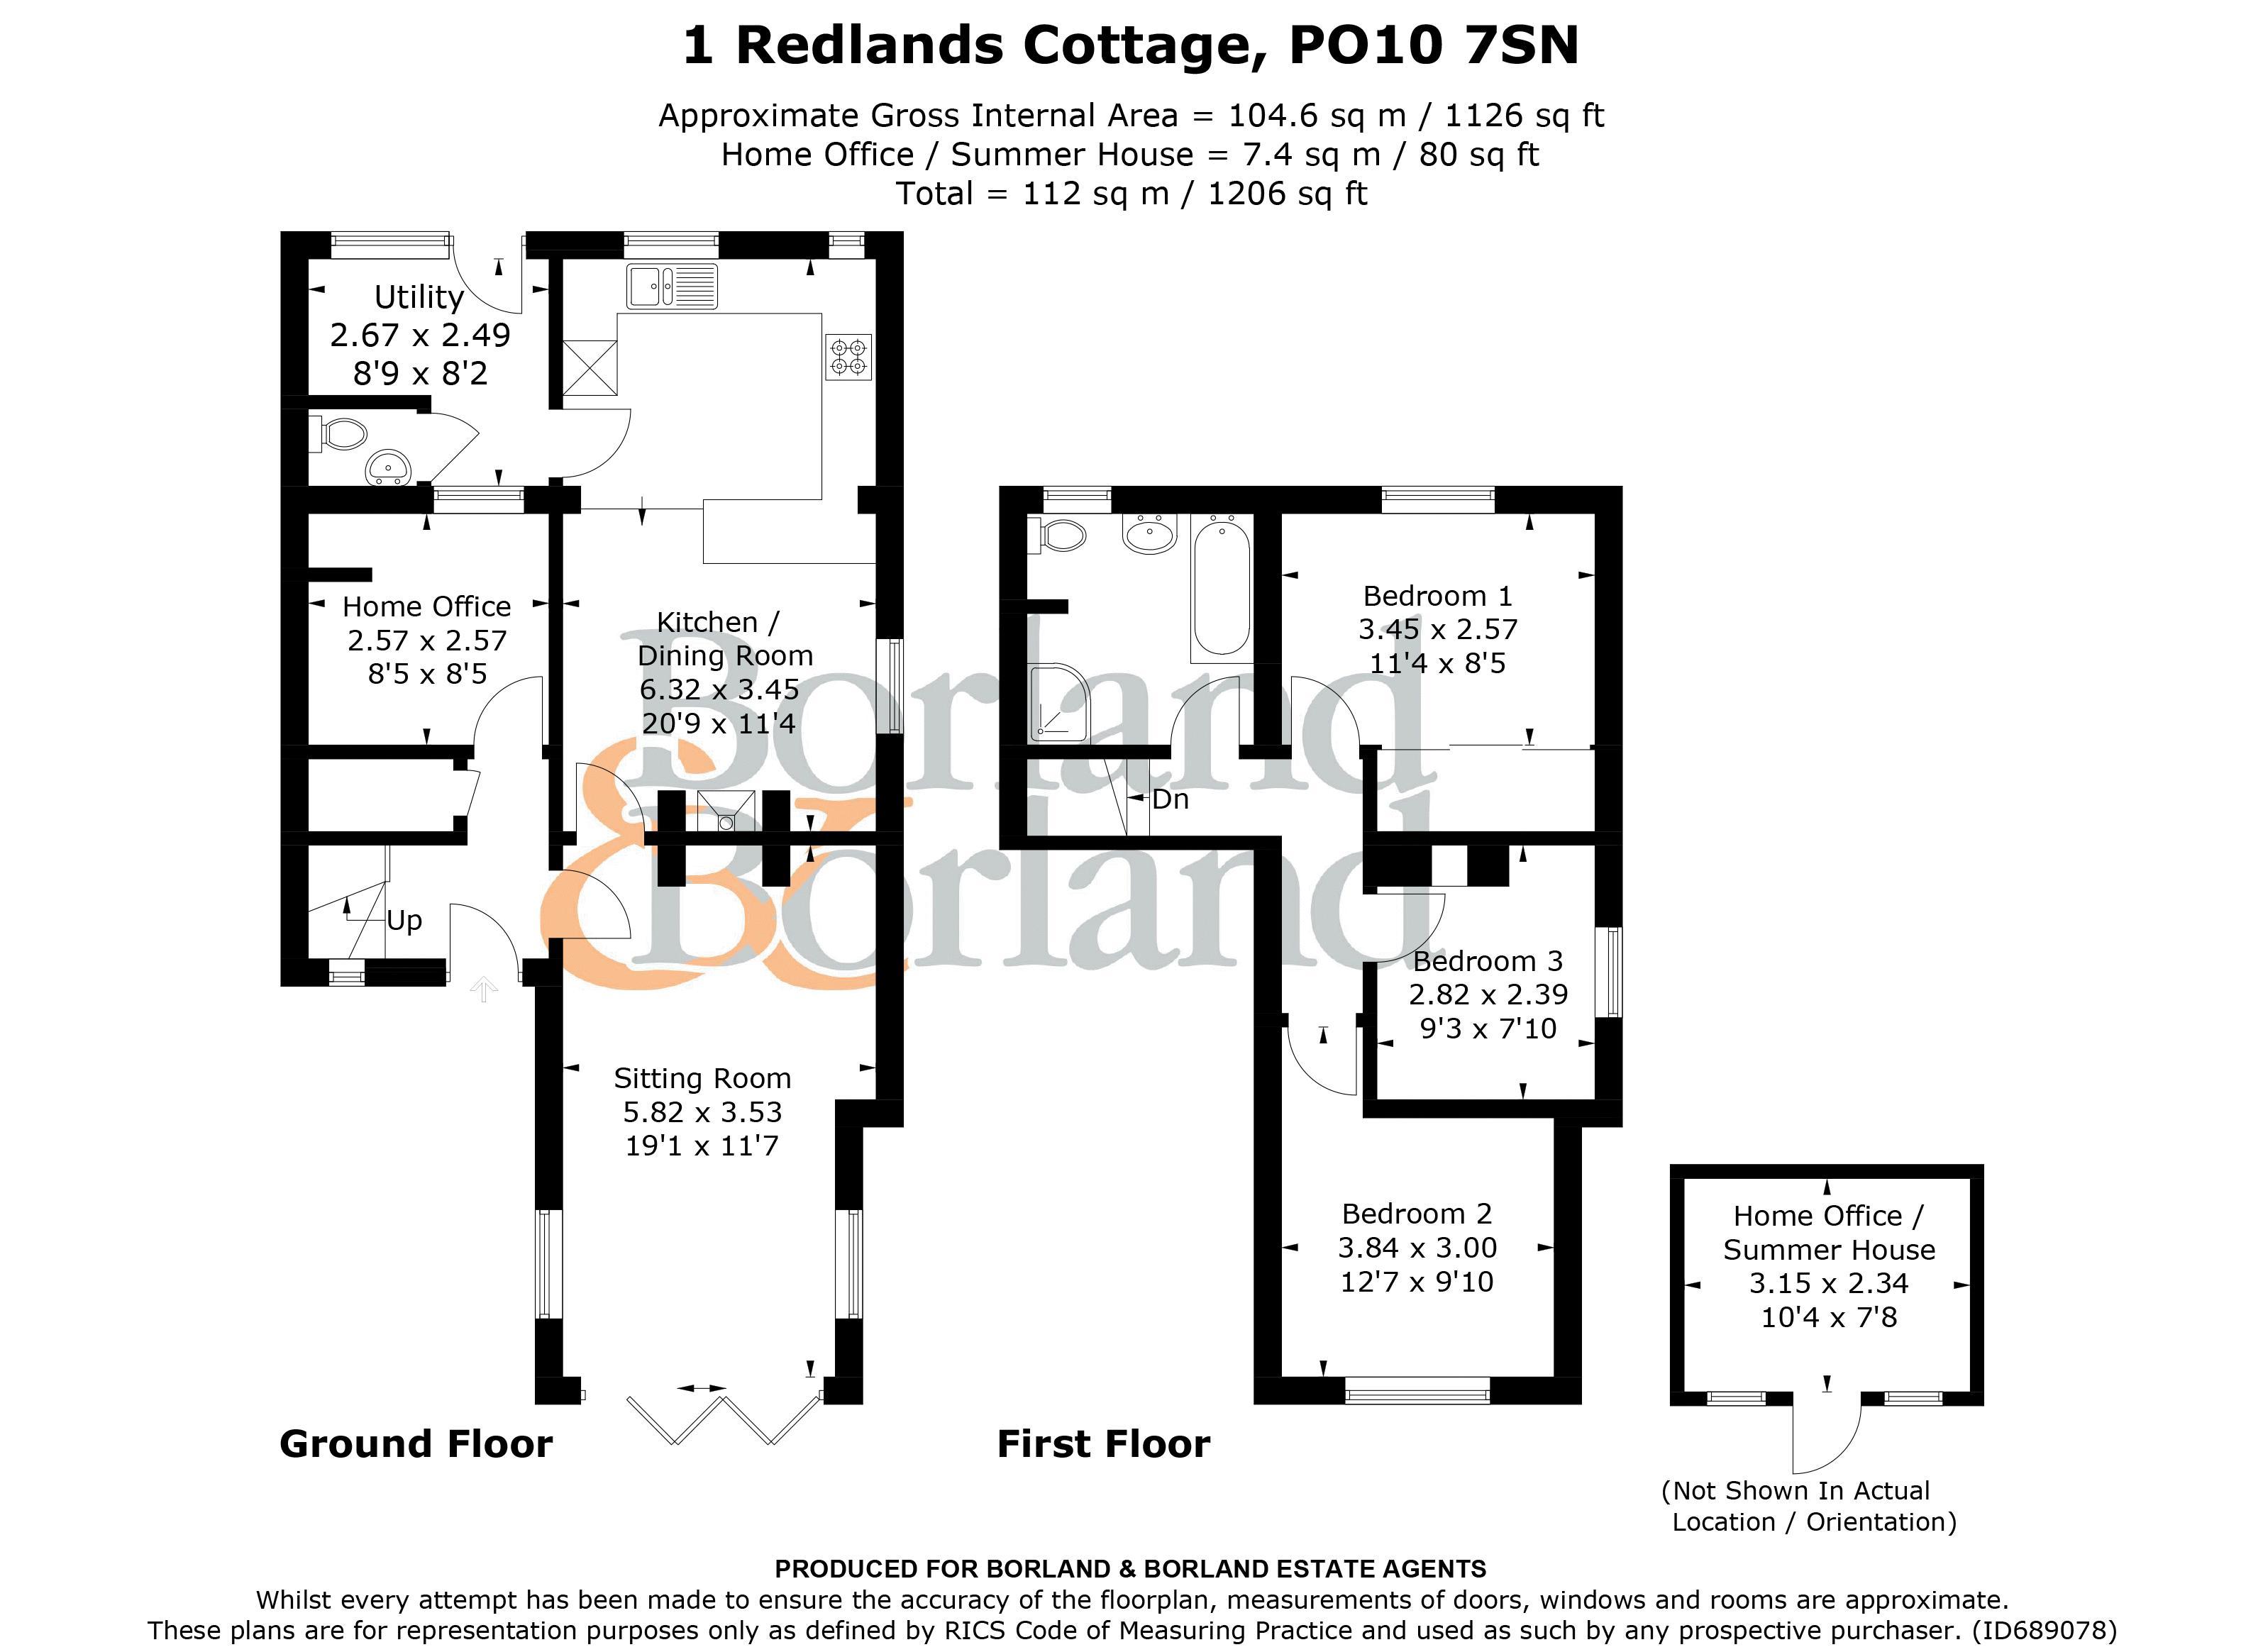 1 Redlands Cottages